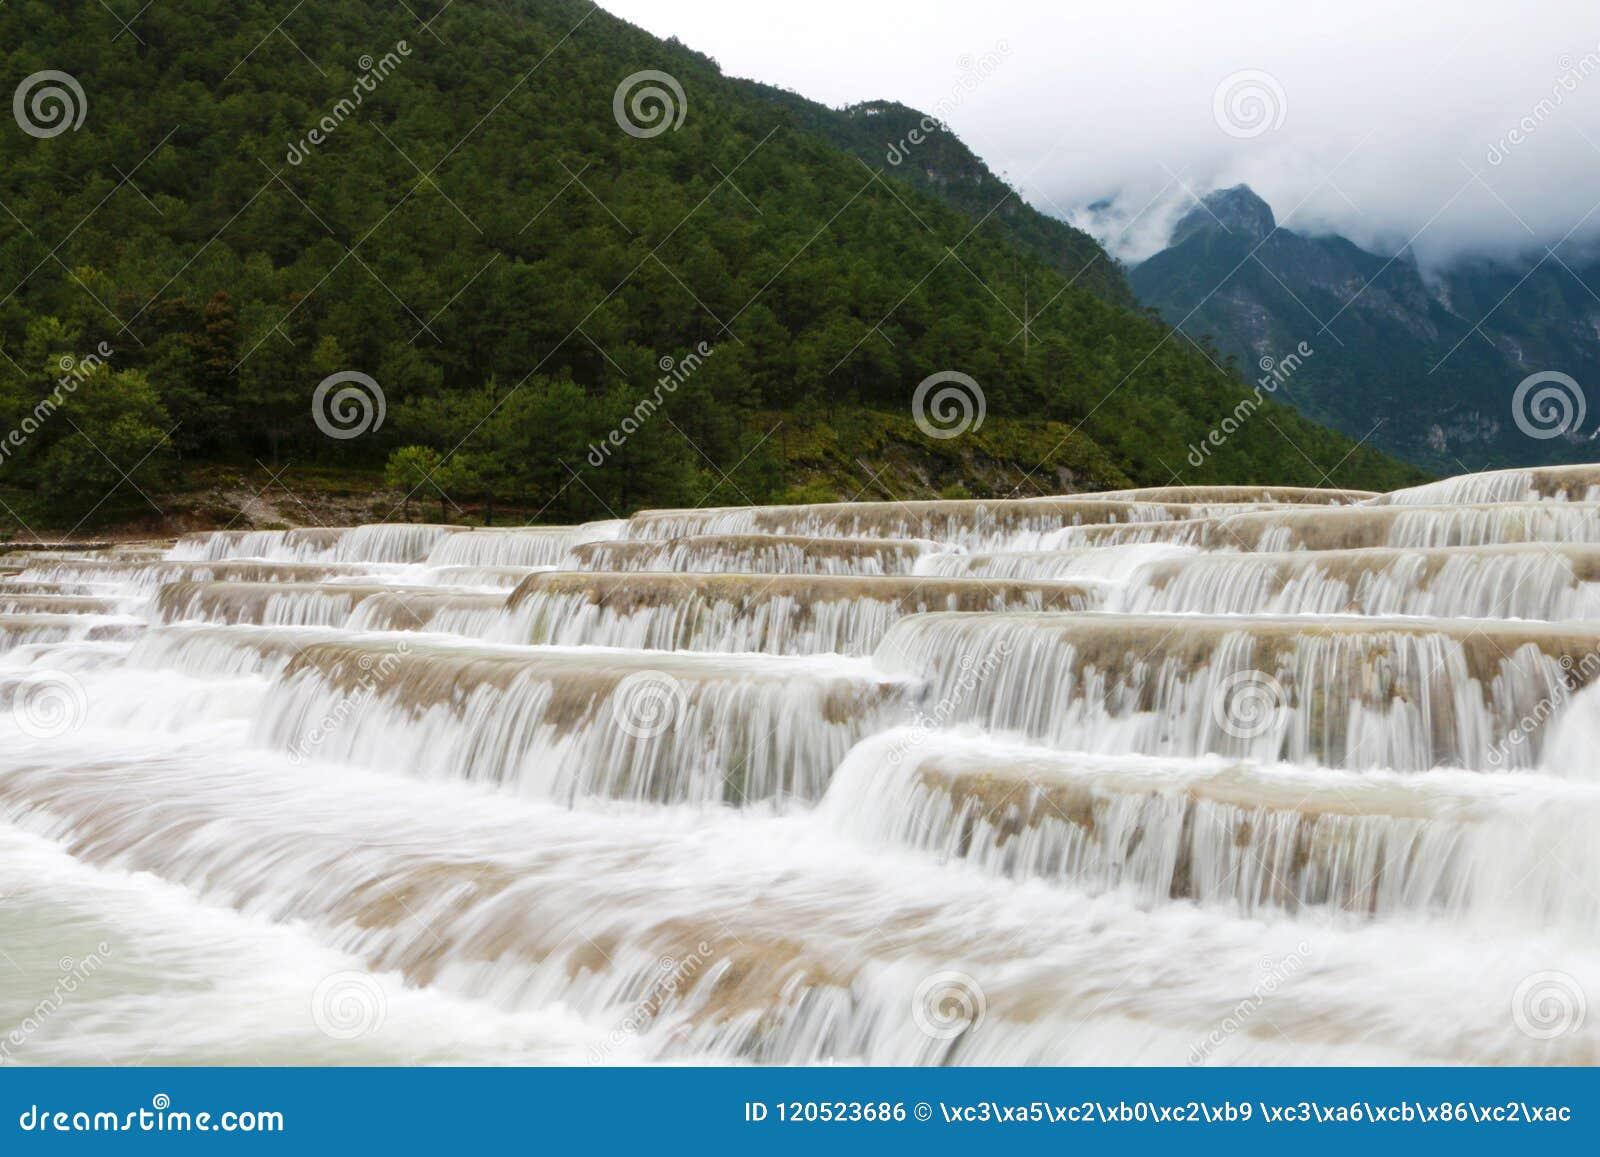 Rio da água branca, montanha da neve do dragão do jade, lijiang, yunnan, China